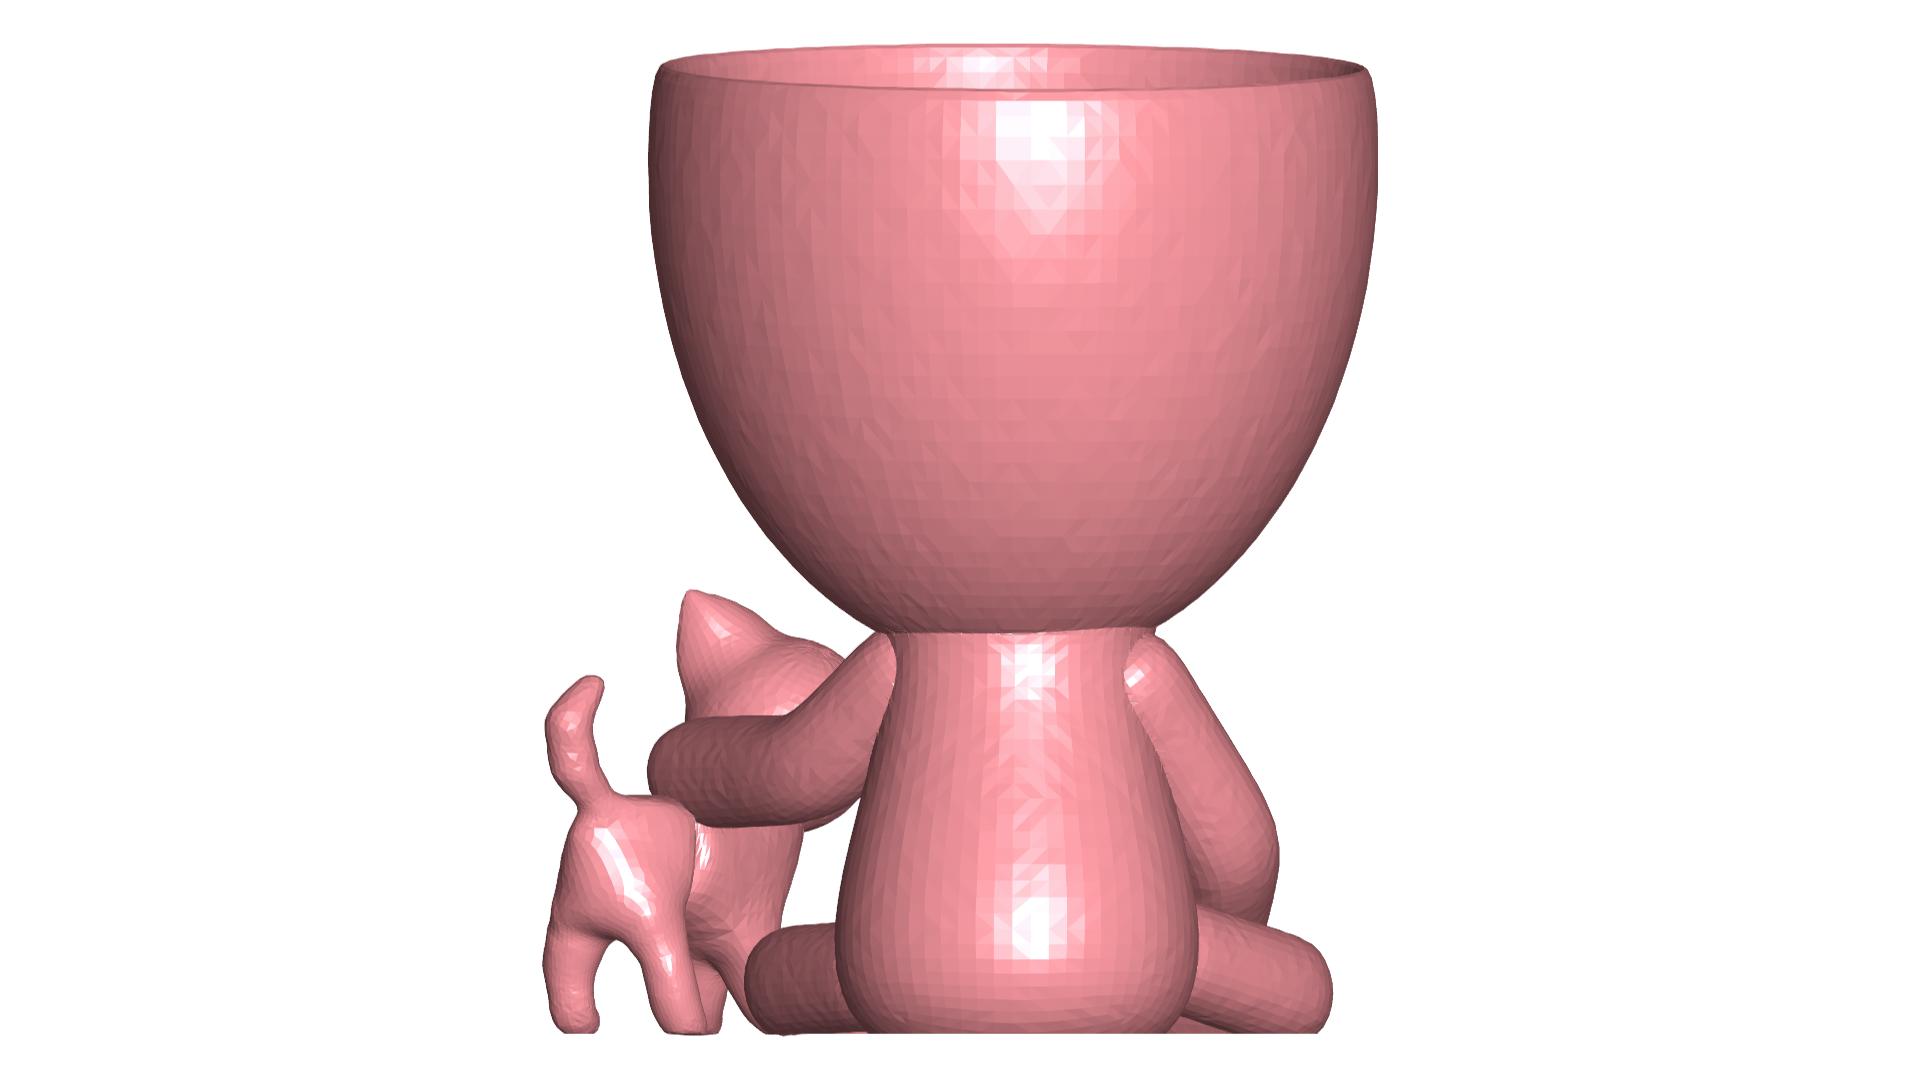 Robercat_5.png Télécharger fichier STL gratuit Vase Robert Planter avec l'animal de compagnie n° 111 • Design imprimable en 3D, CREATIONSISHI